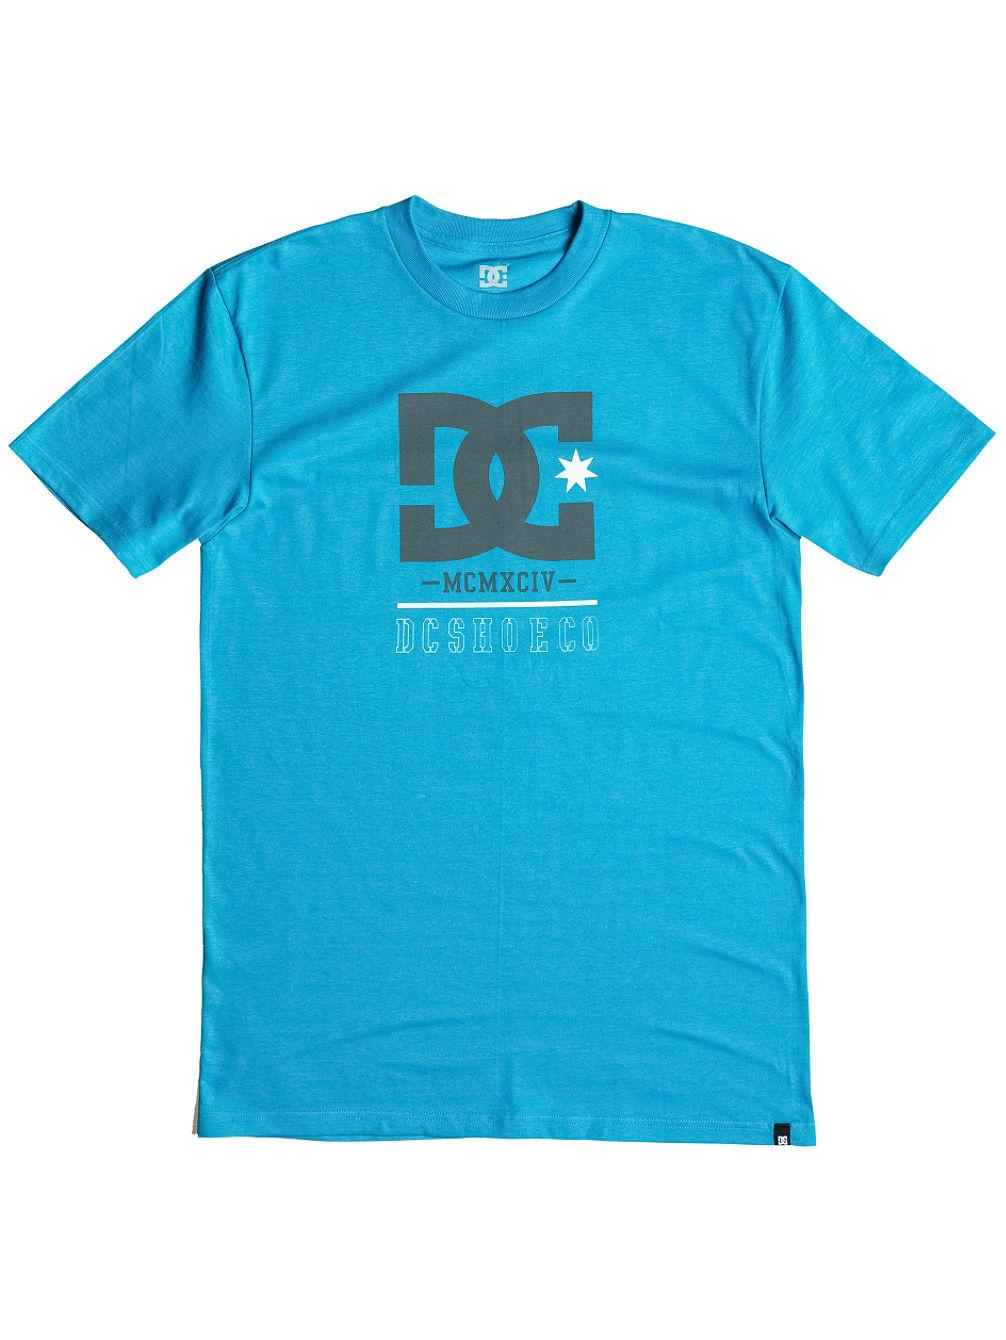 rackett-t-shirt